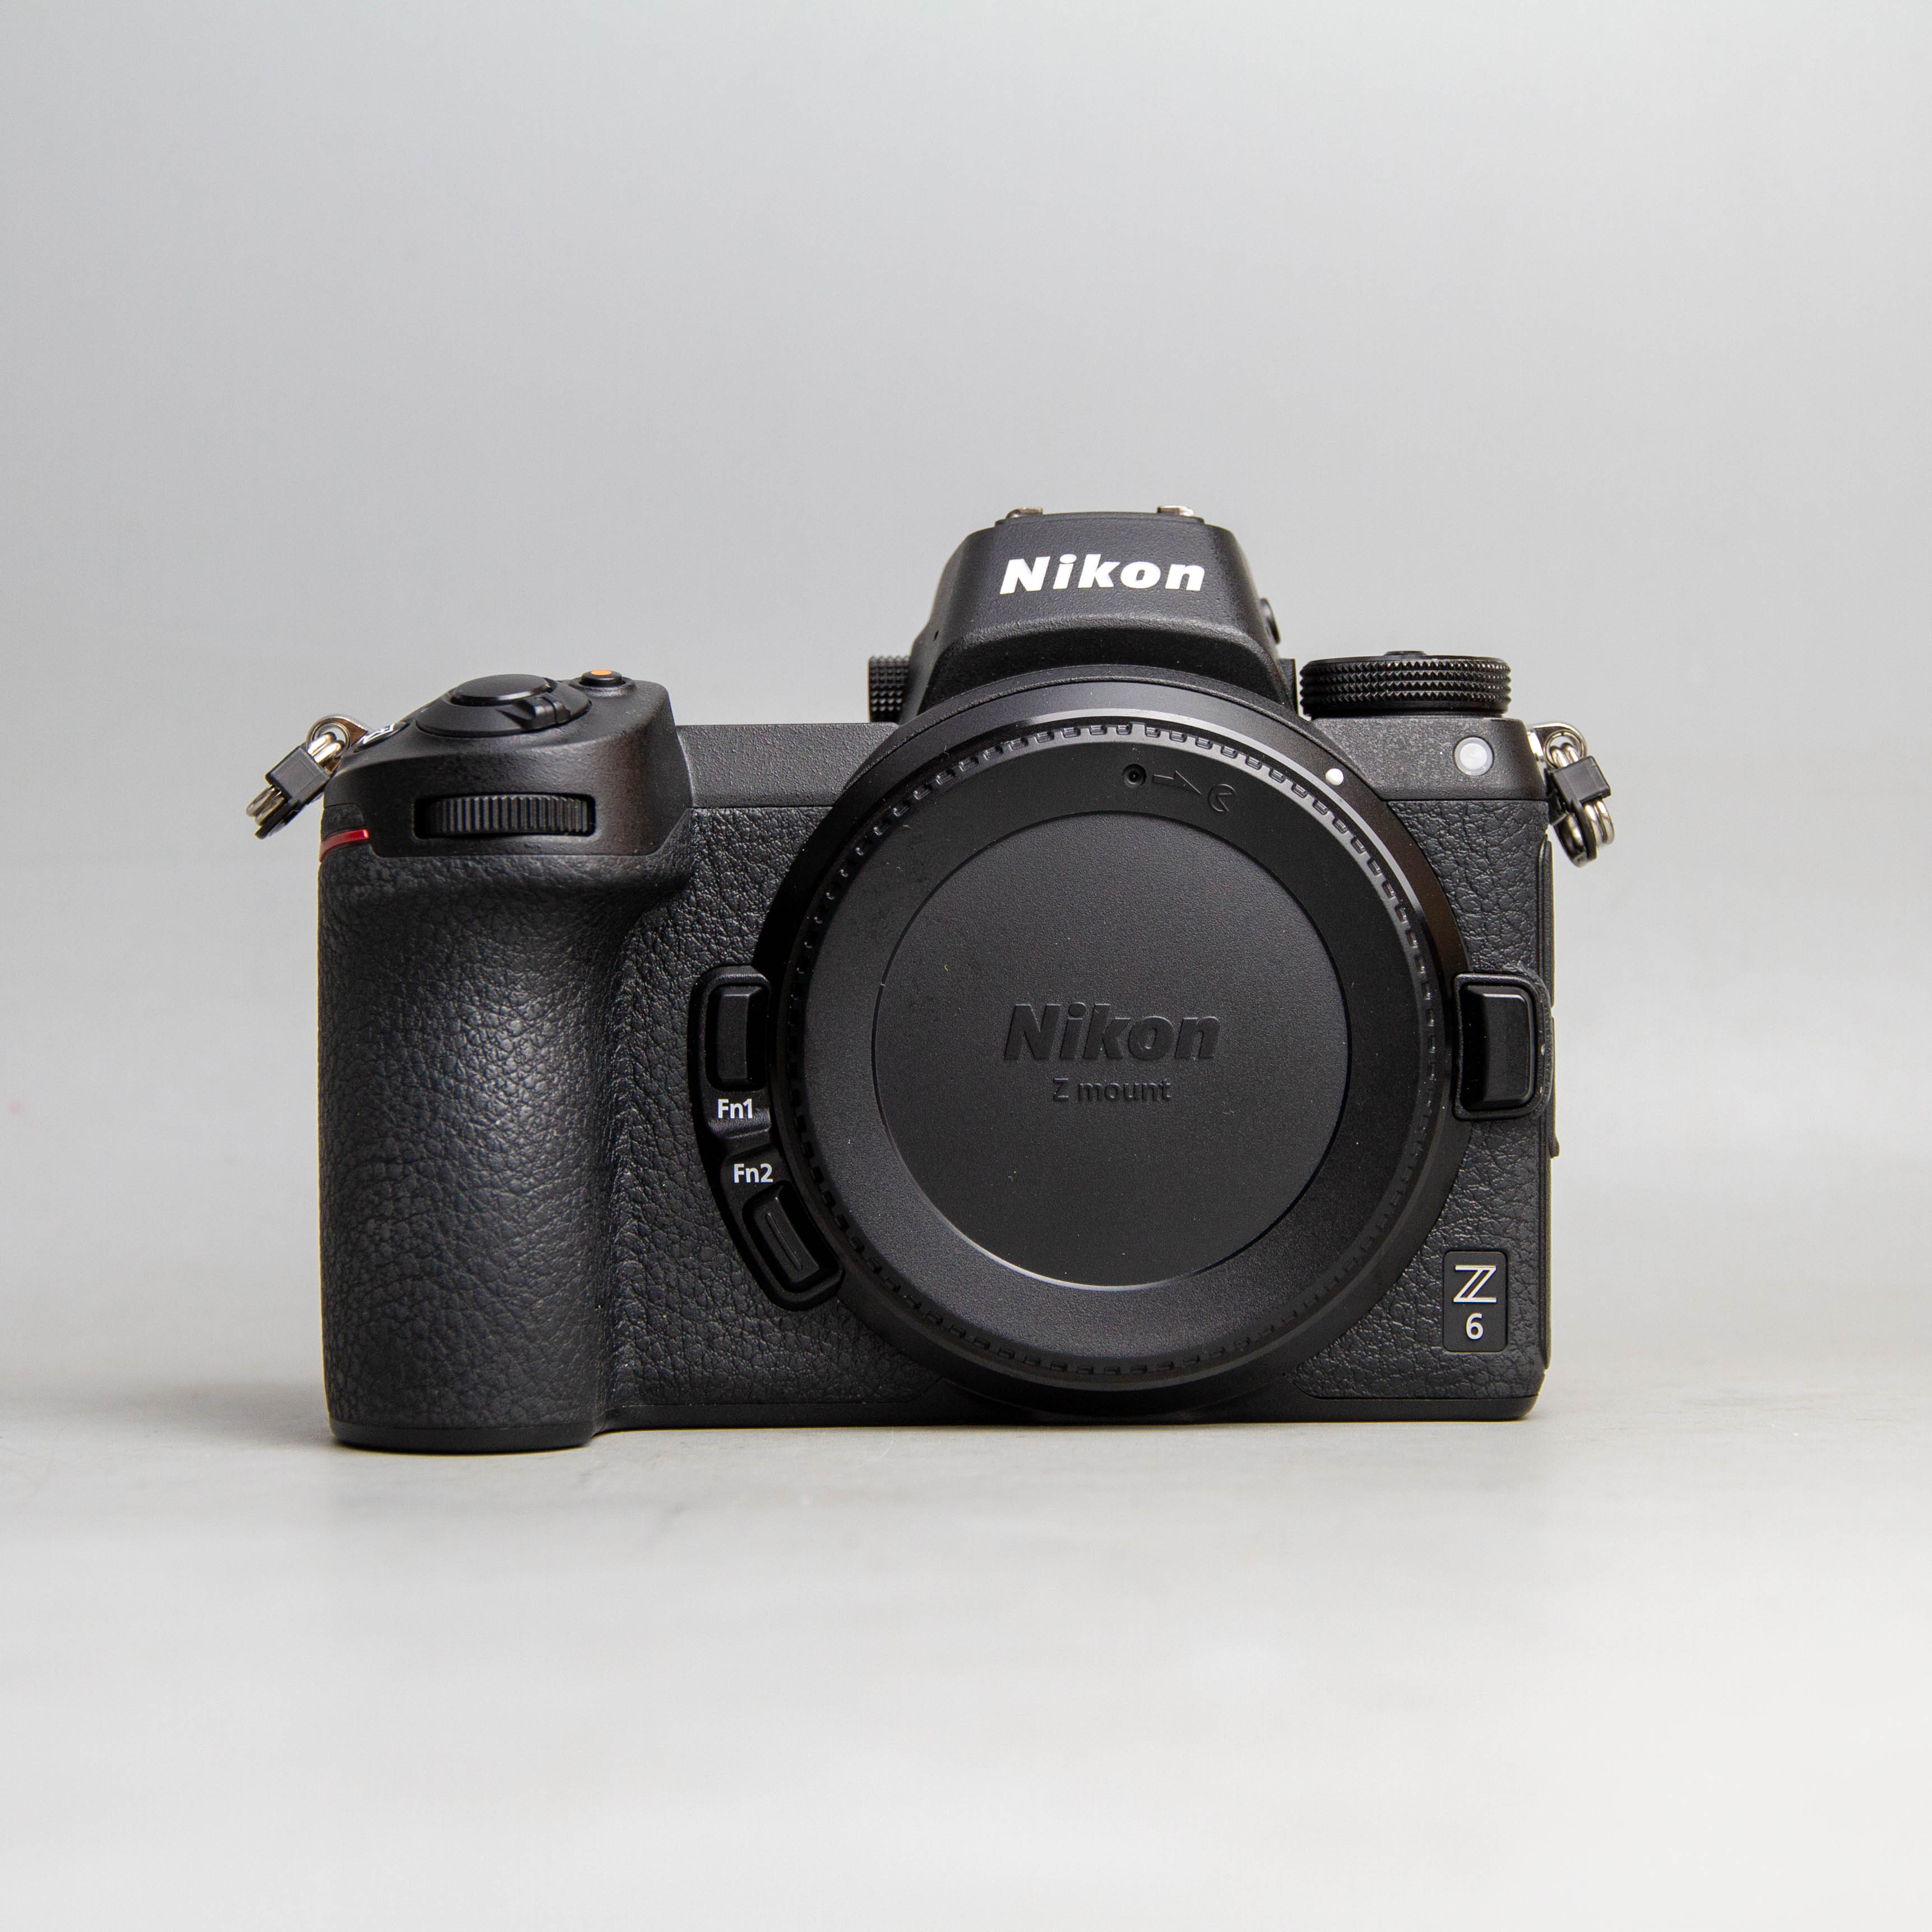 nikon-z6-body-likenew-13k-shots-14706